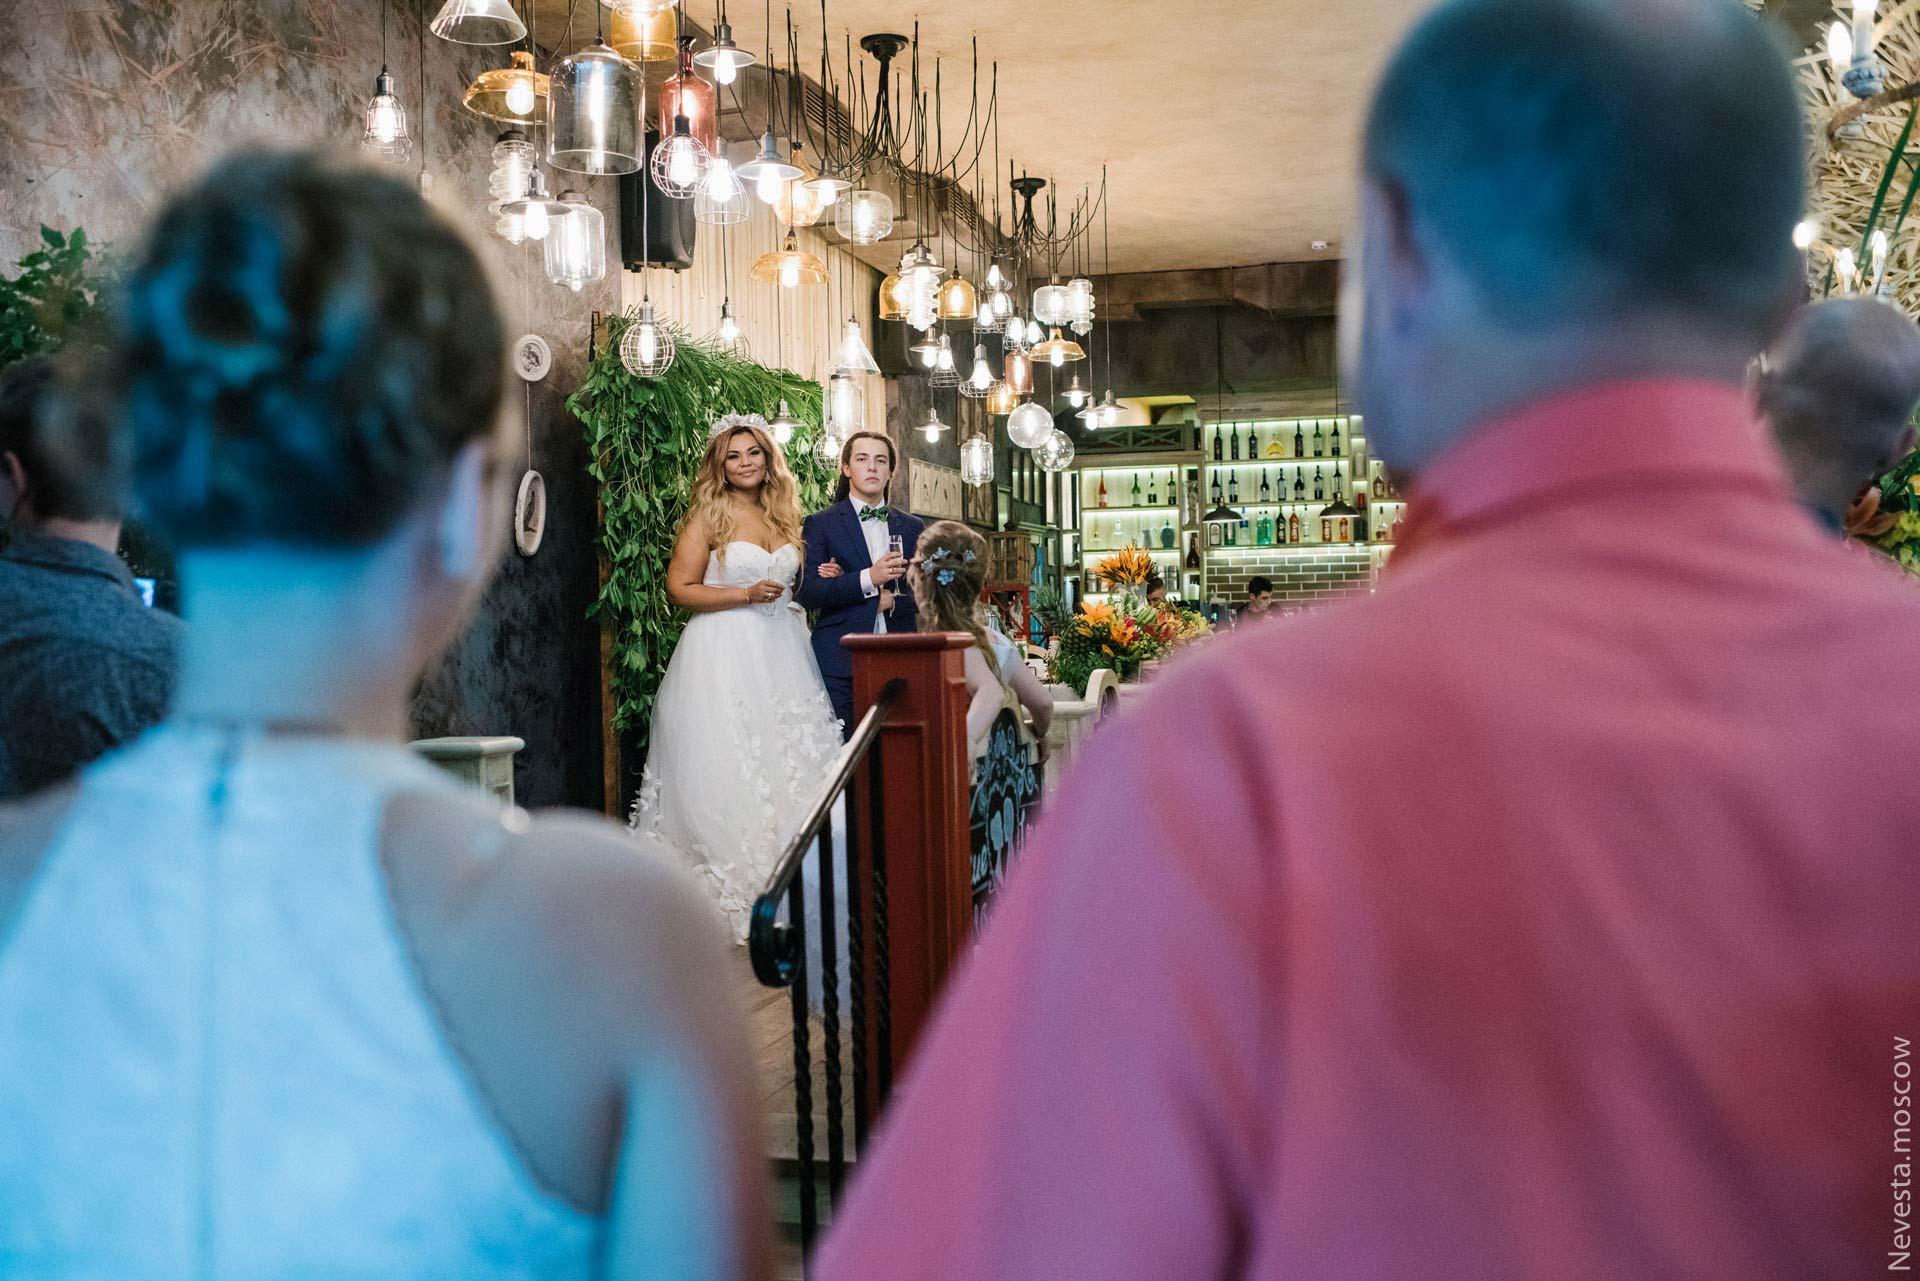 Экзотическая Ямайка. Свадьба Корнелии Манго и Богдана Дюрдя фото 32